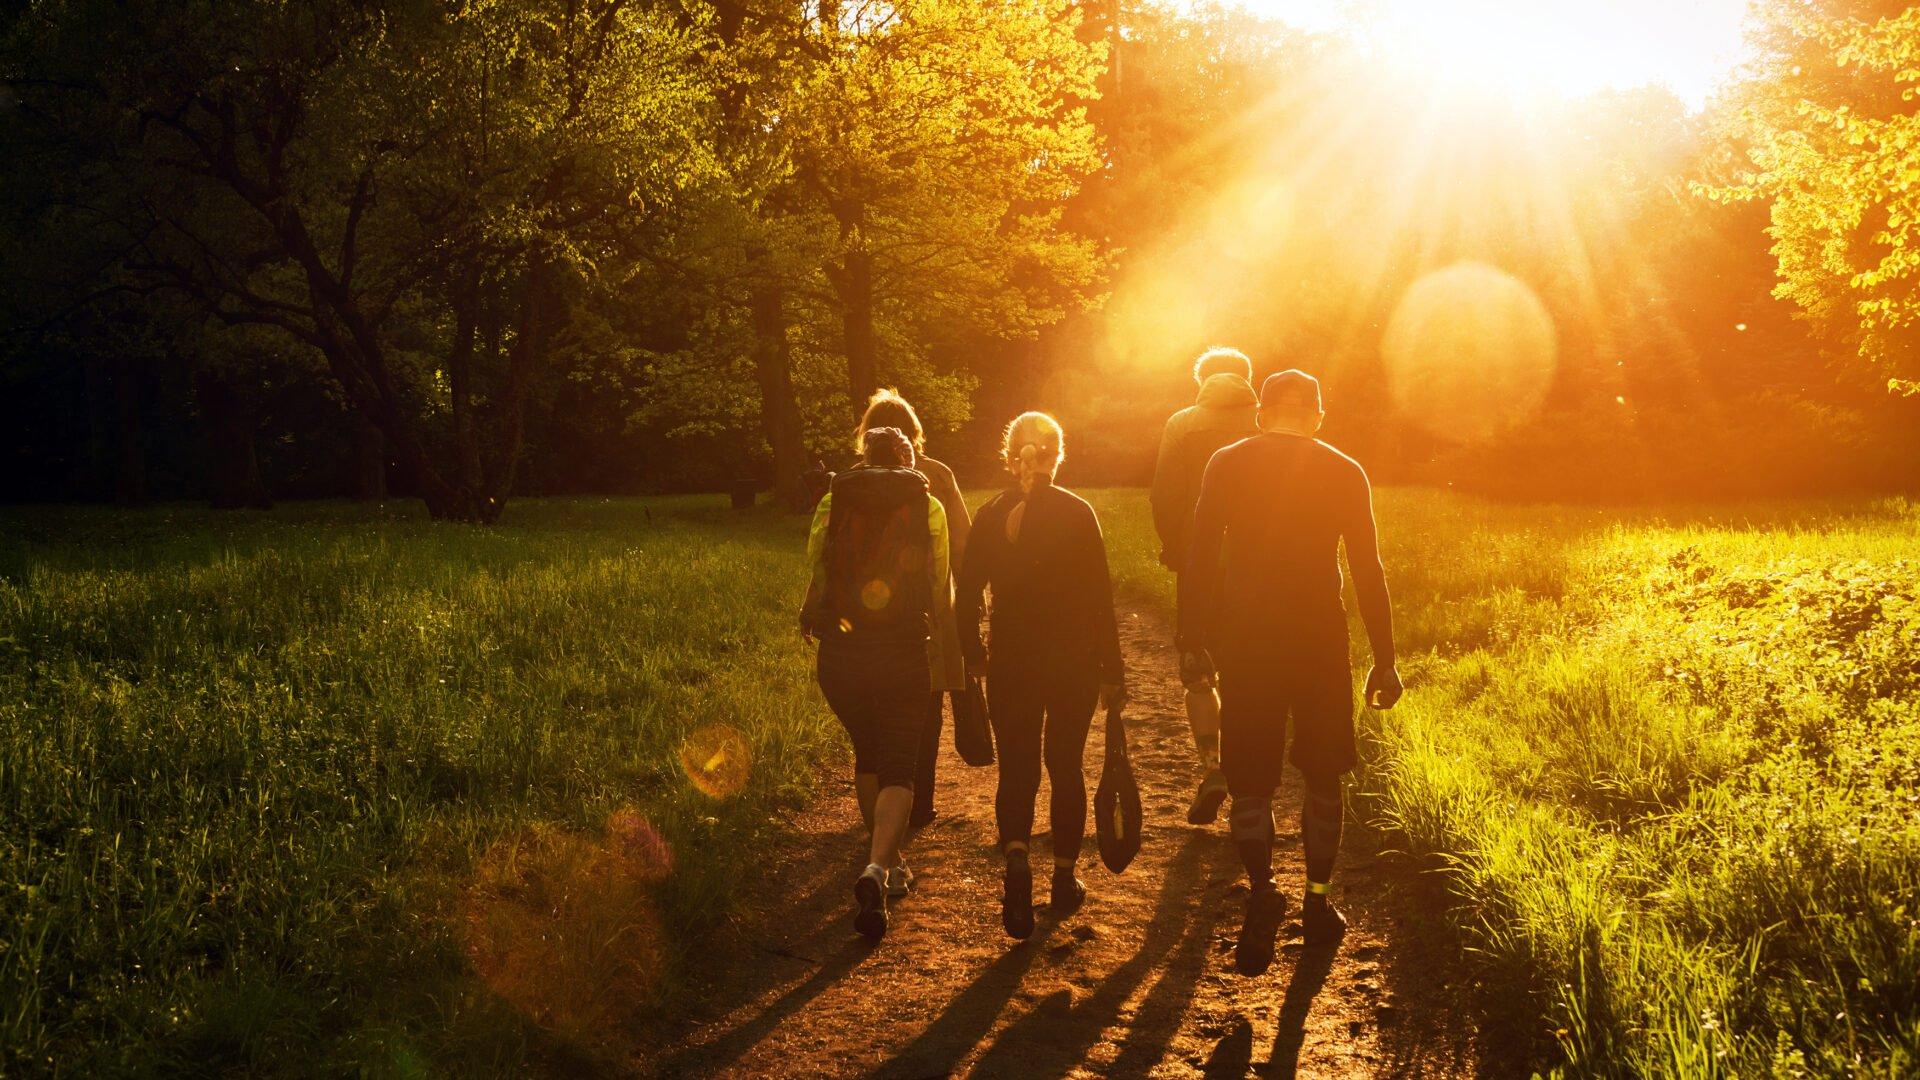 Pro bono artikkelin otsikkokuva, jossa ryhmä ihmisiä kävelee yhdessä puistossa.